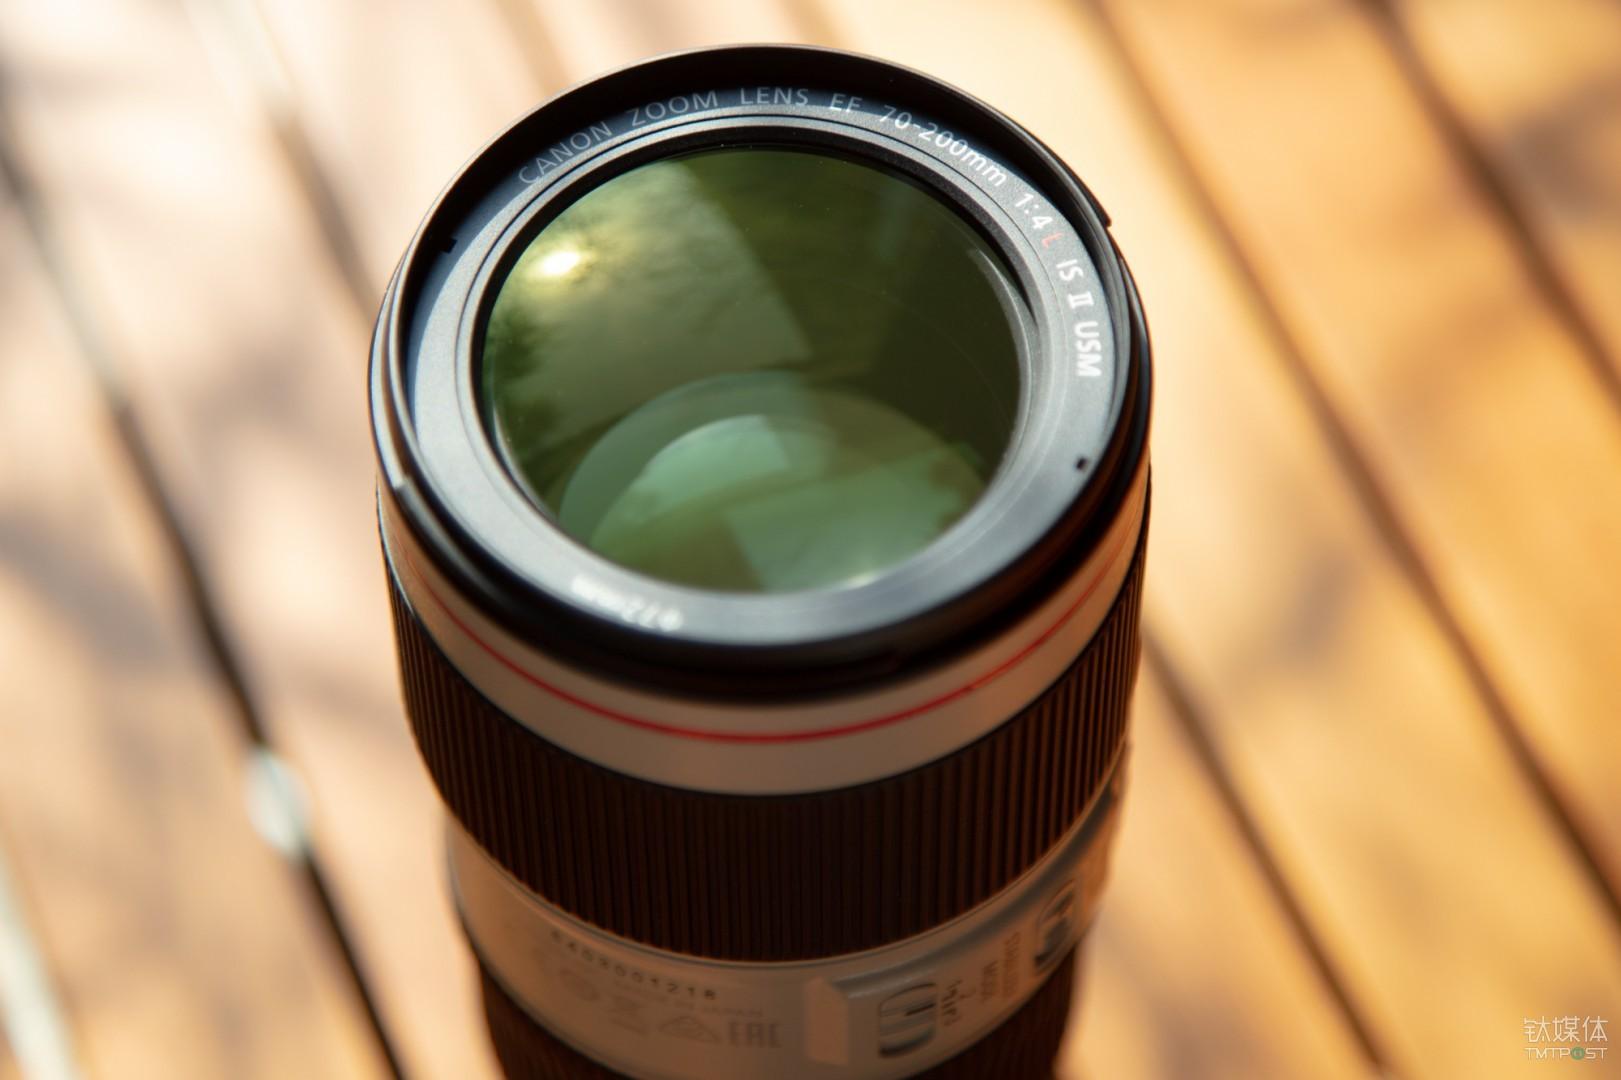 镜片经过了深度的优化镀膜